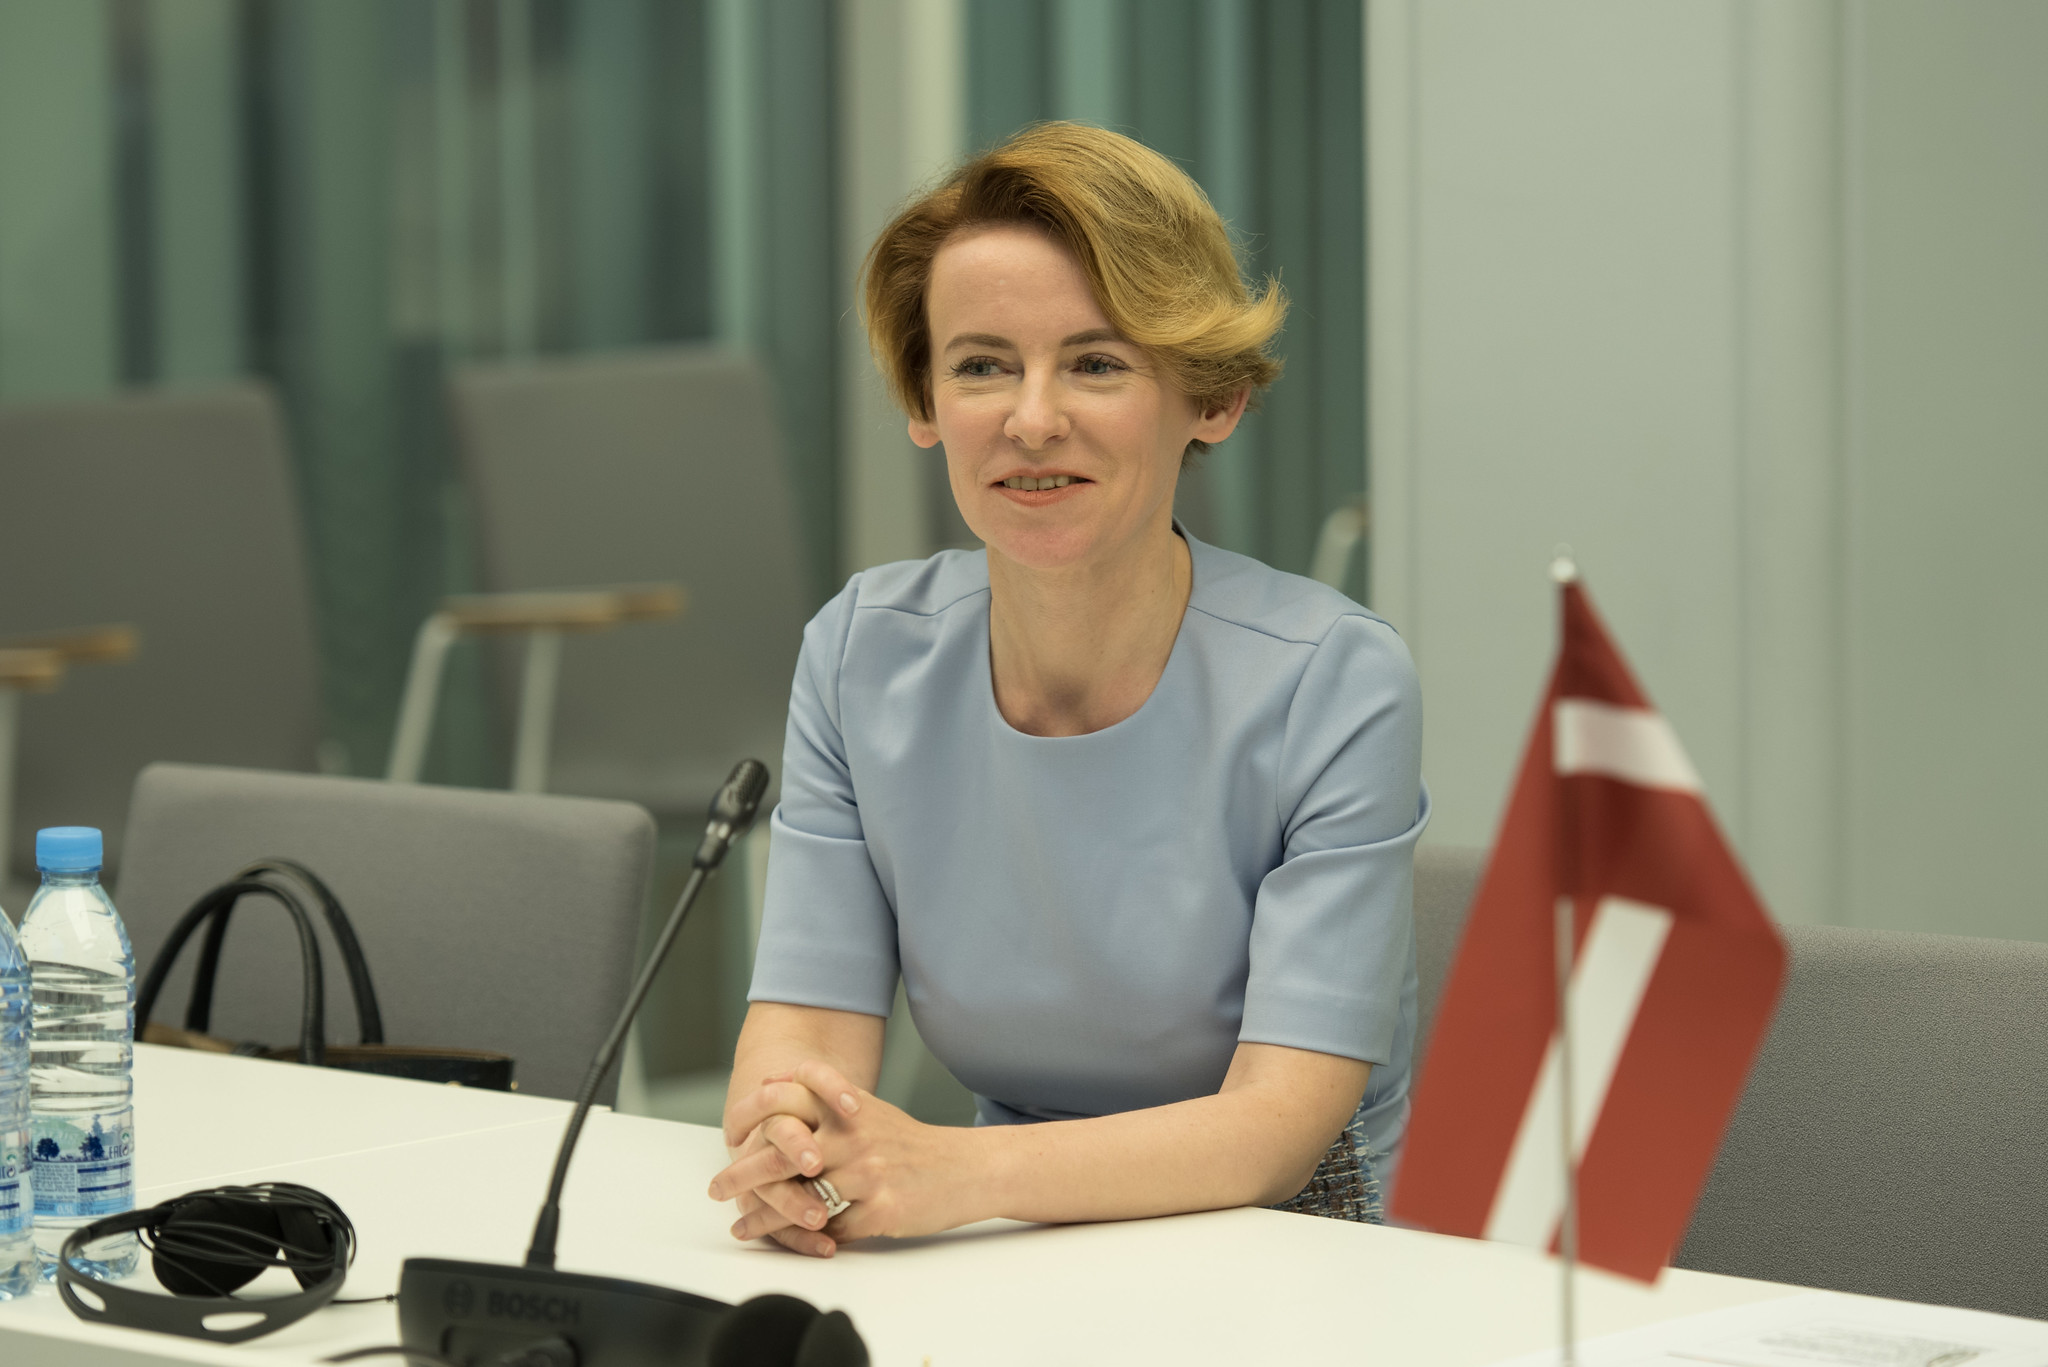 Marija Golubeva: Lai kompetenču izglītība nepaliktu uz papīra